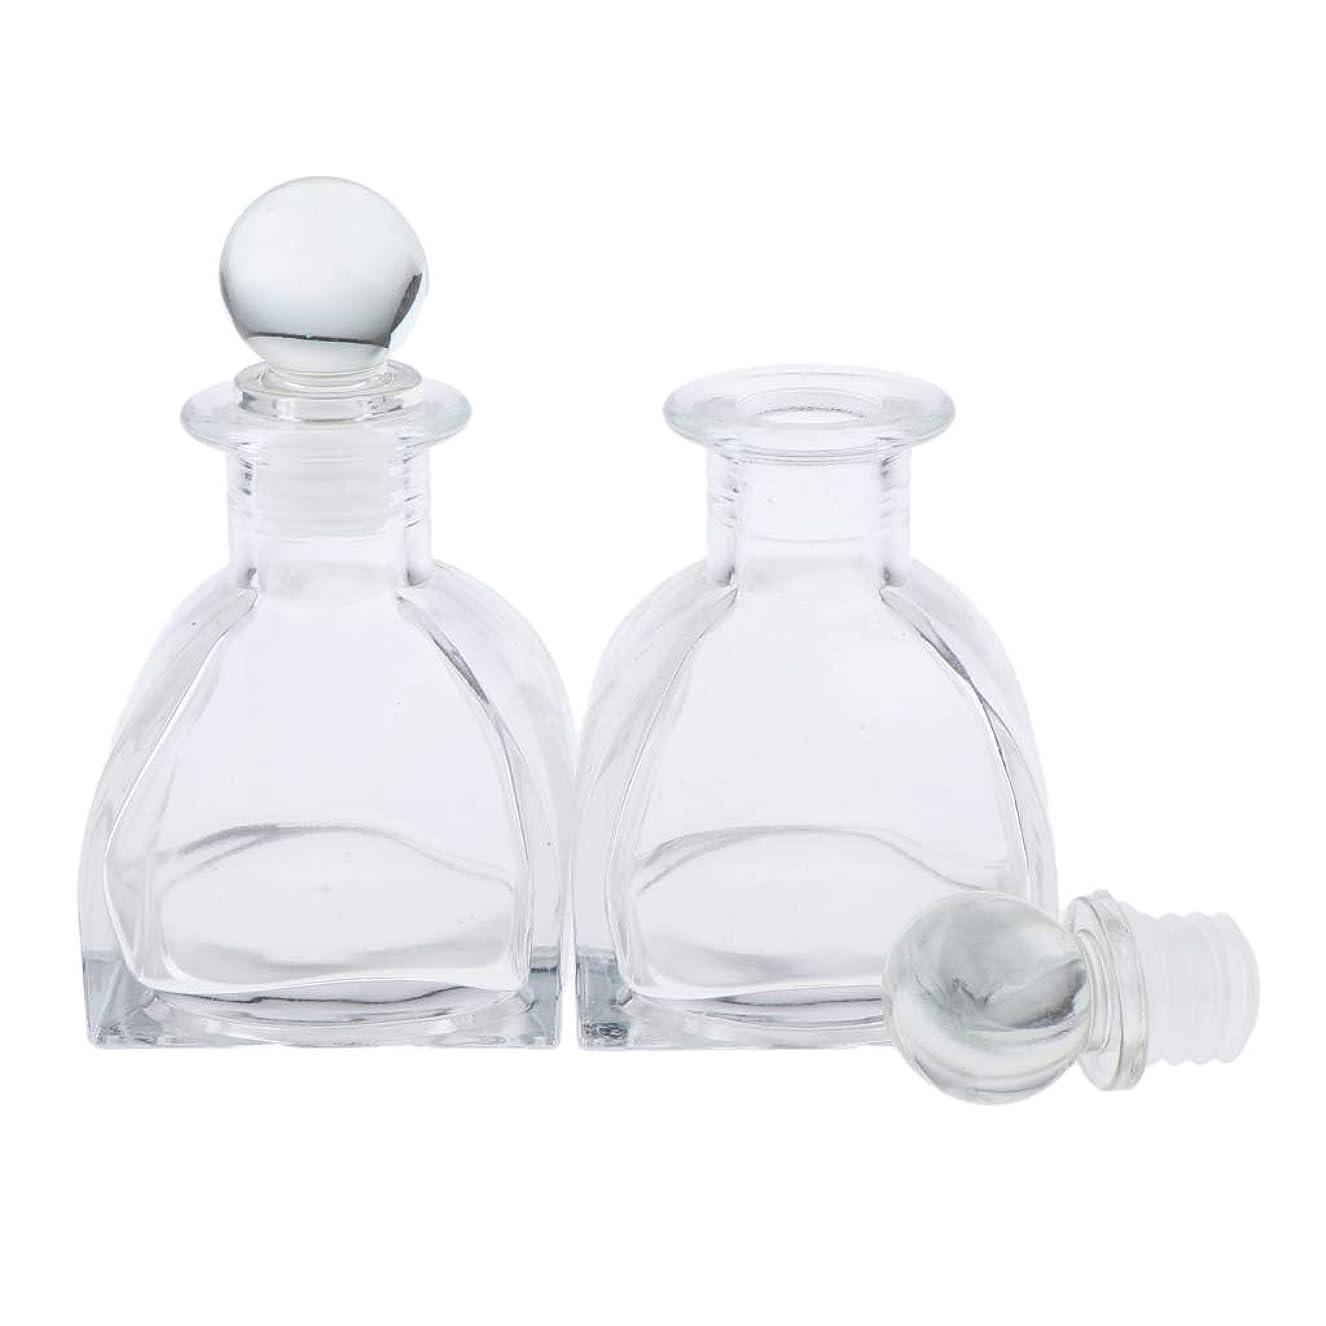 決めます不器用メモP Prettyia 2個 香水ディフューザーボトル DIY リードエッセンシャルオイル ガラスディフューザー瓶 3サイズ選べ - 130ミリリットル